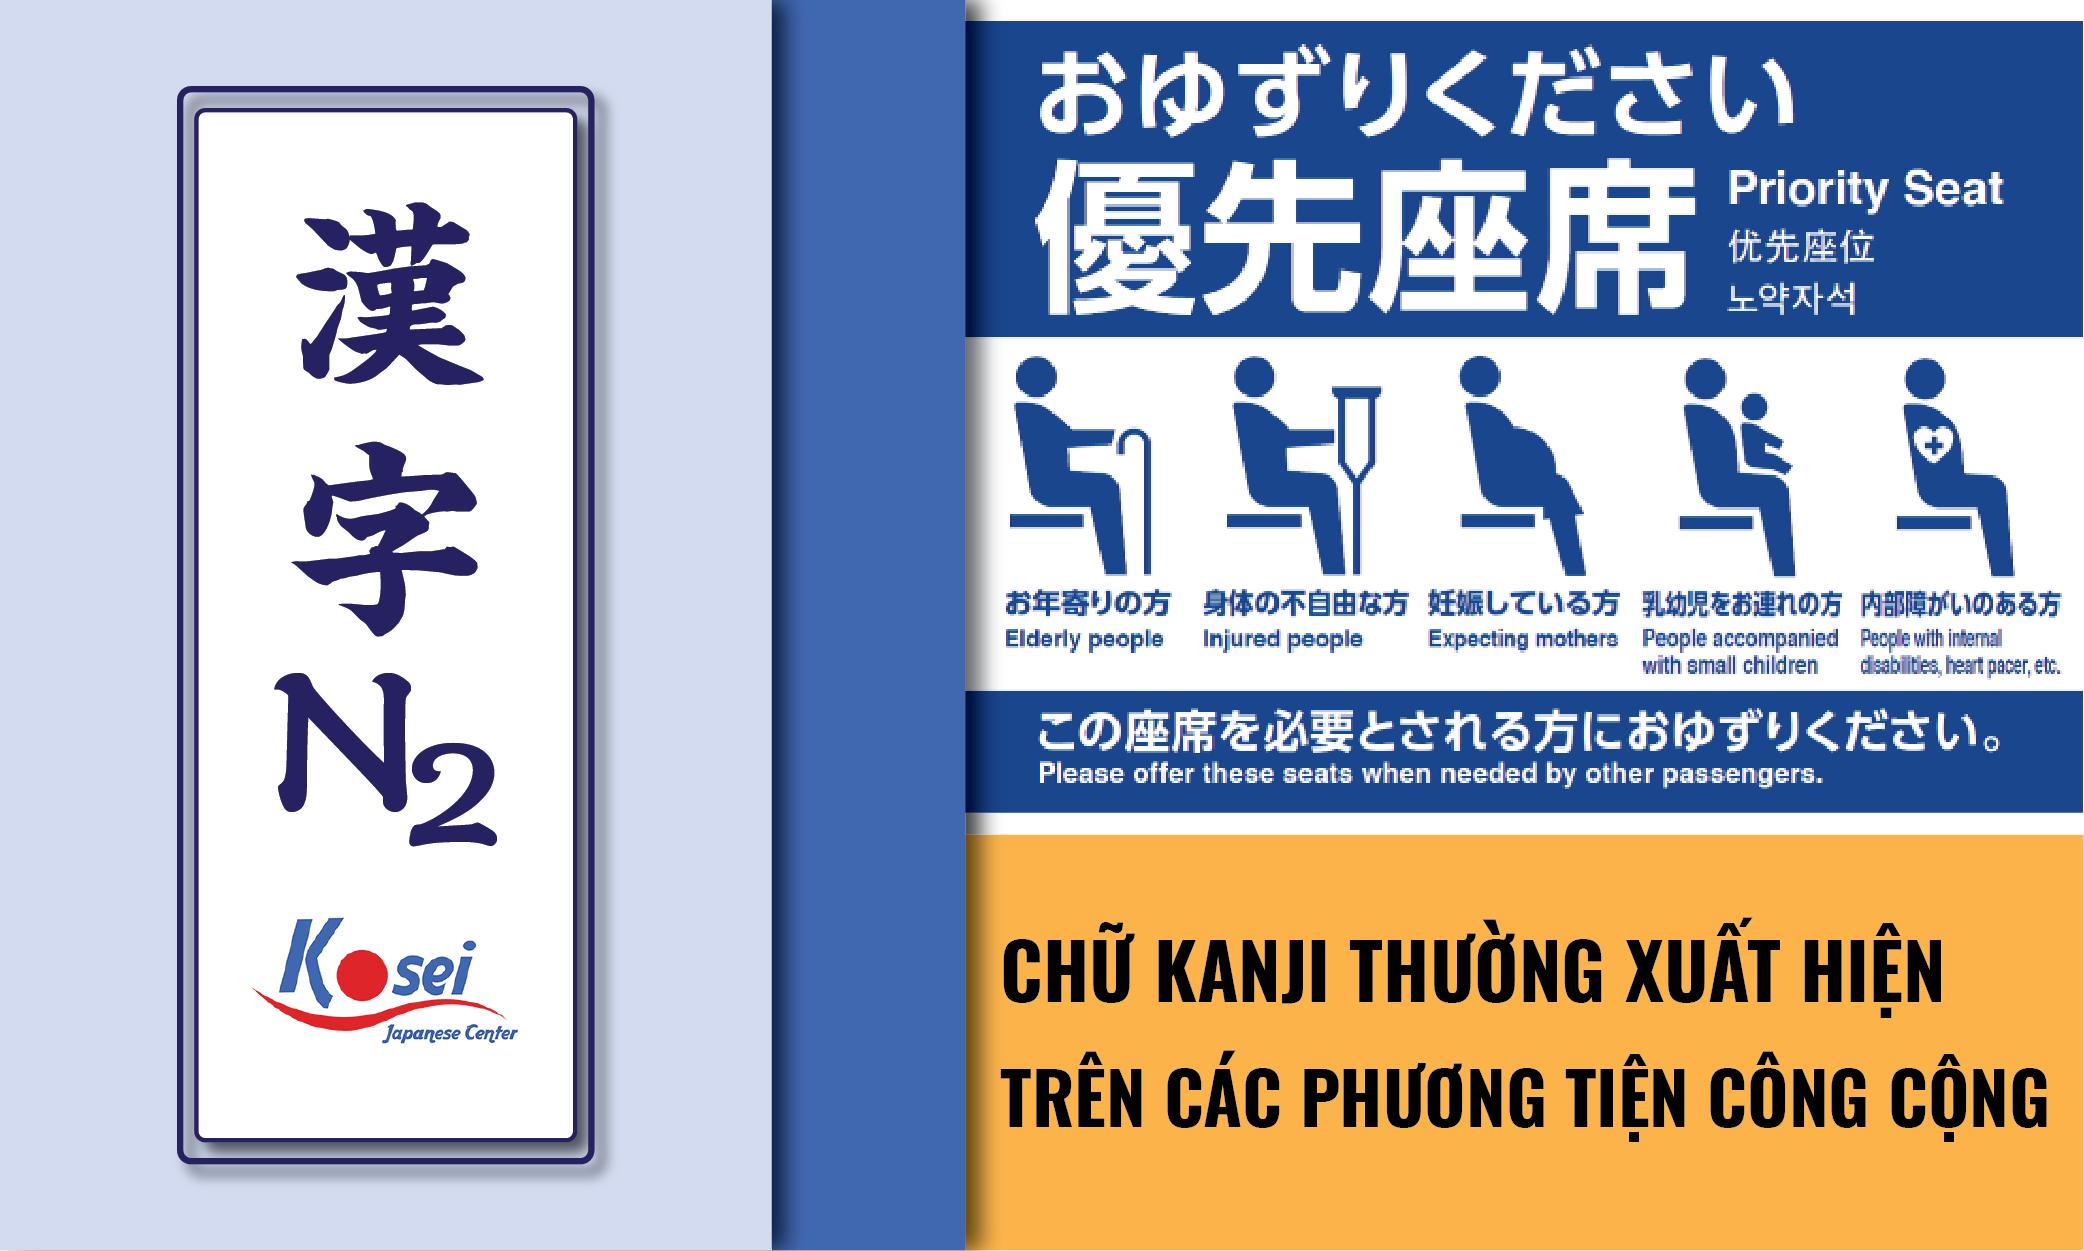 các kanji thường thấy trên các phương tiện công cộng